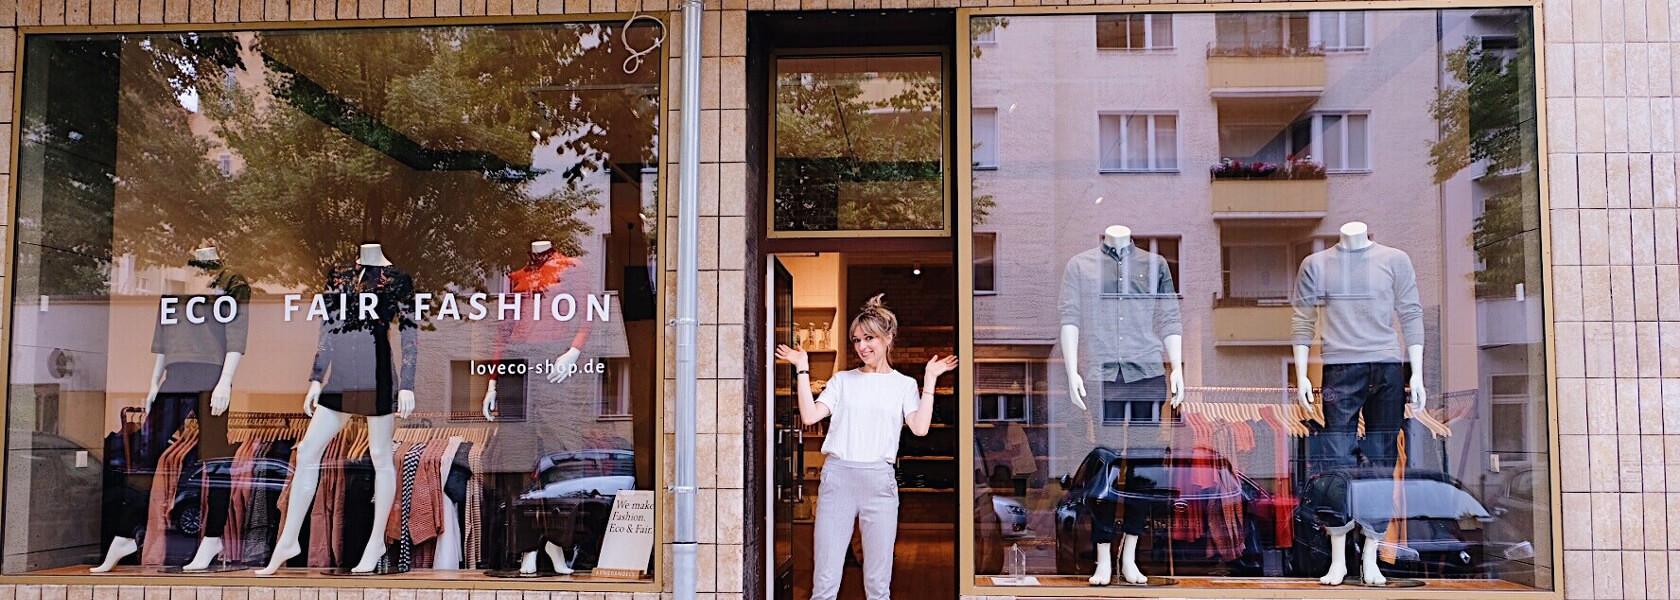 Gründerin Christina Wille vor den Schaufenstern in Schöneberg